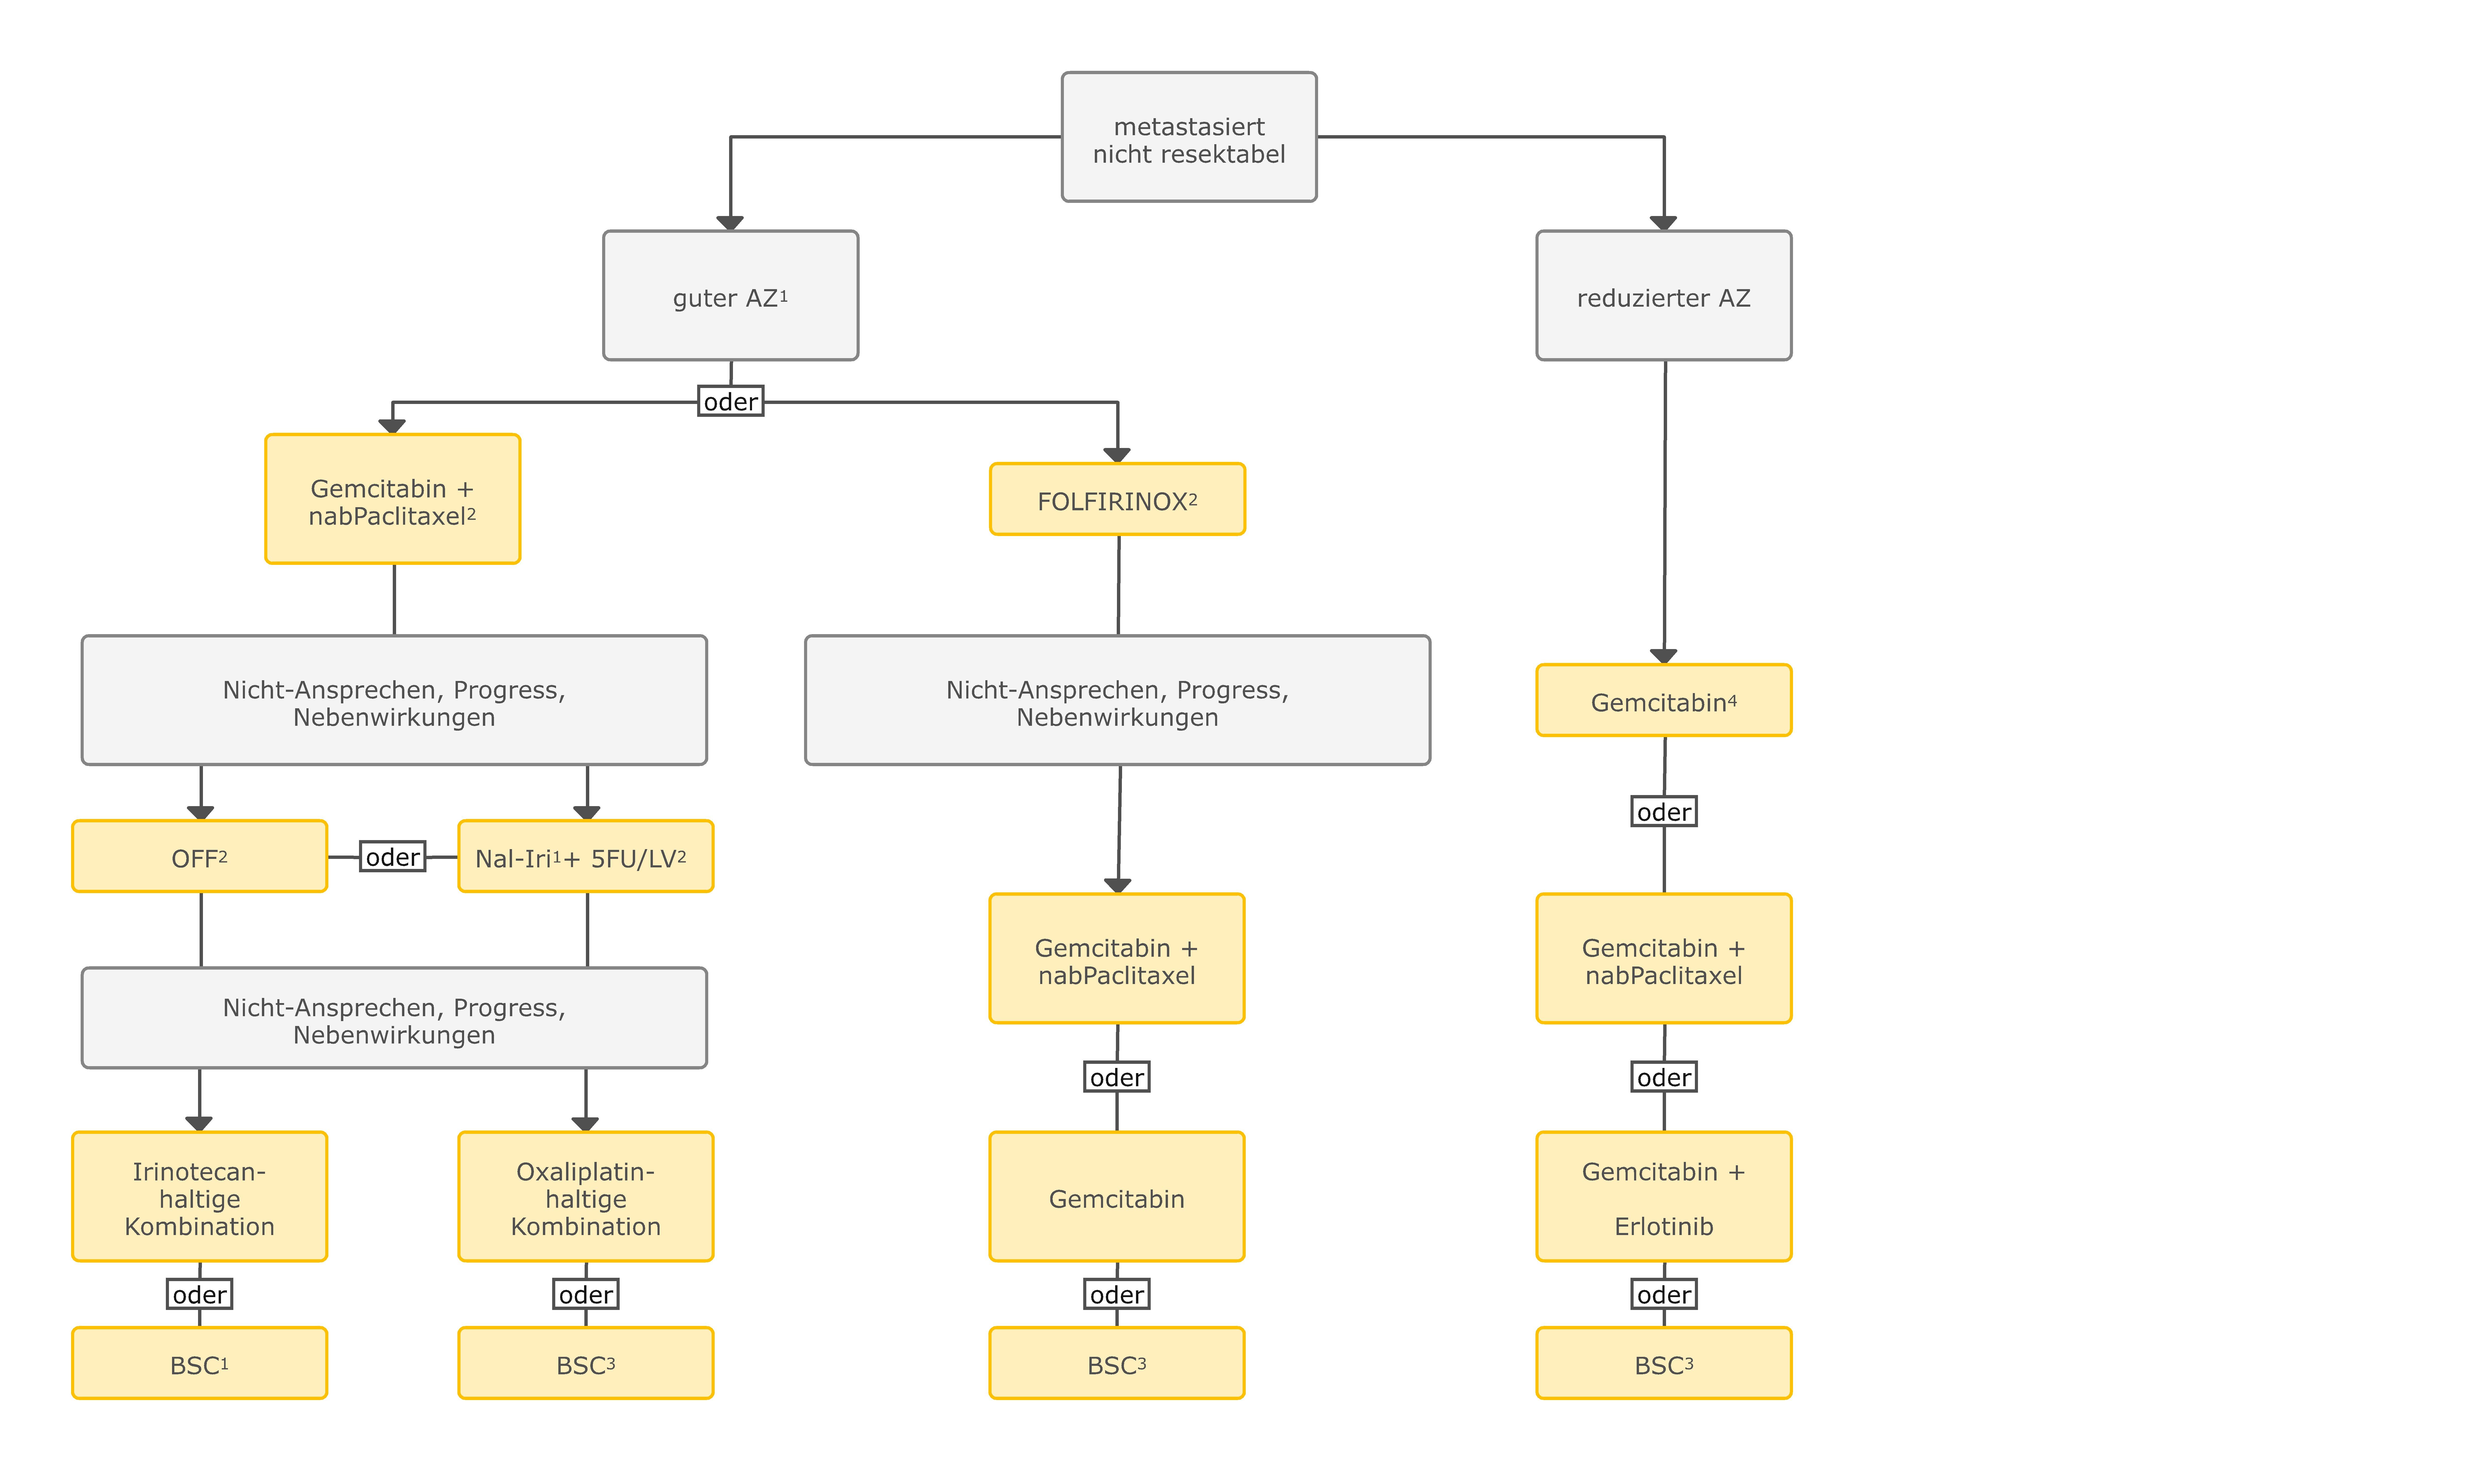 Algorithmus für die palliative medikamentöse Tumortherapie